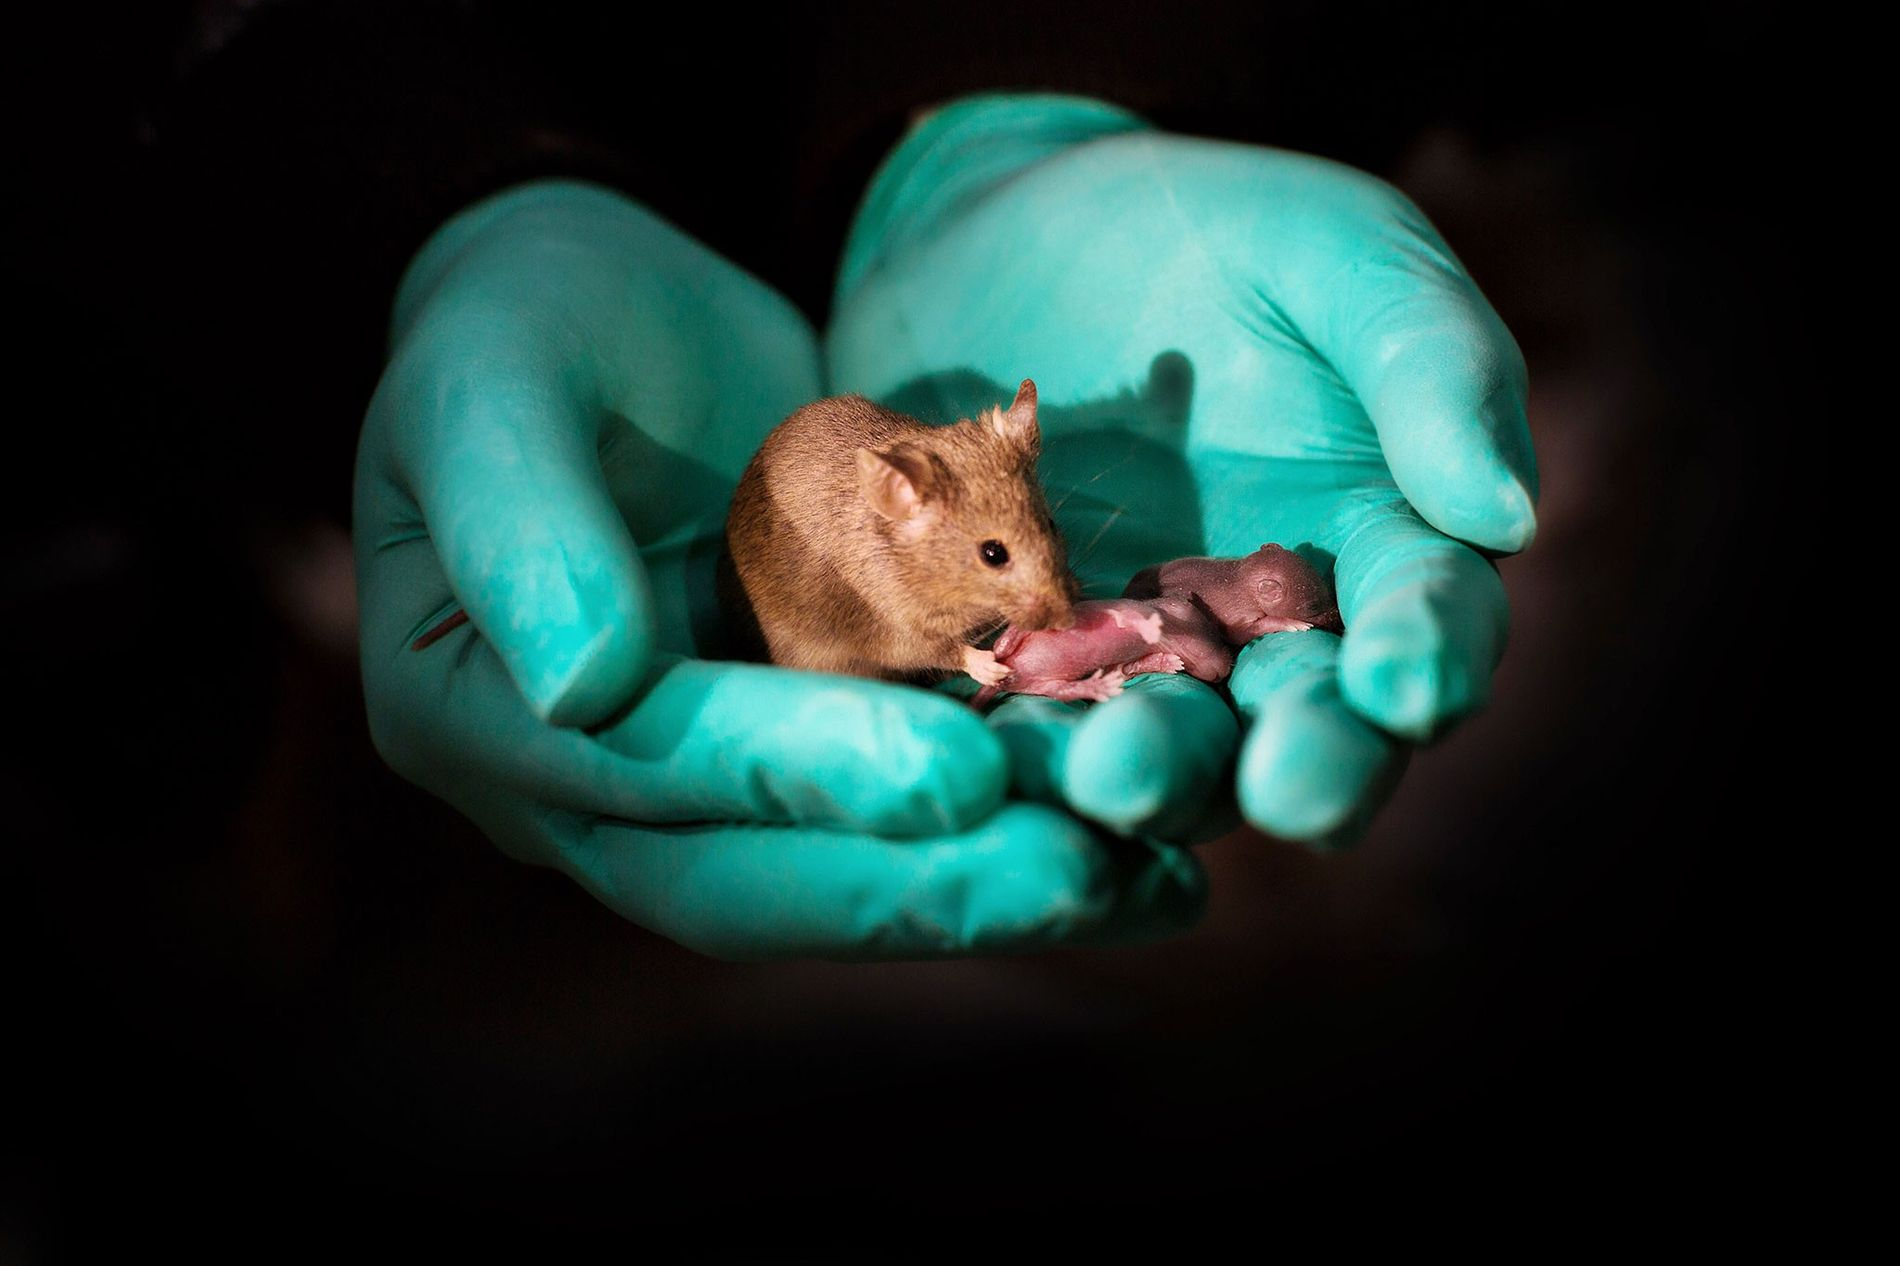 Mit Hilfe von Genome Editing brachten zwei weibliche Mäuse diesen Nachwuchs zur Welt. Das vordere Jungtier ist mittlerweile ausgewachsen und hat zwei eigene Jungen.